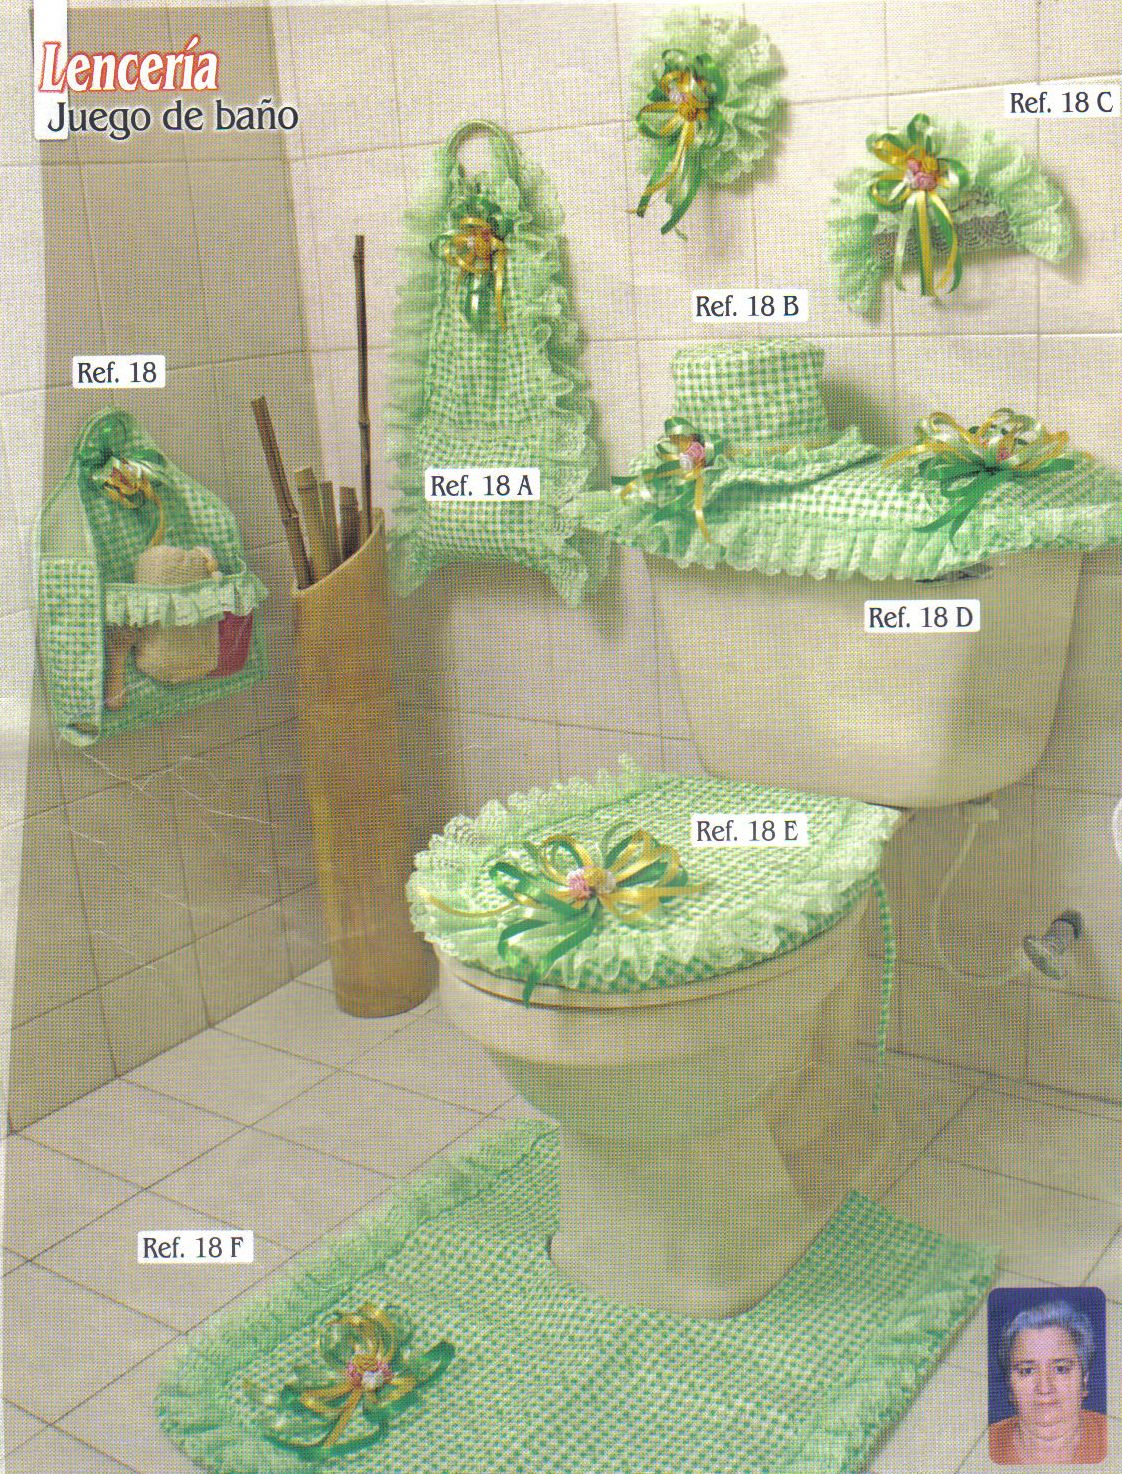 Juego de baño en tela. | Juegos de baño | Pinterest | Crochet ...